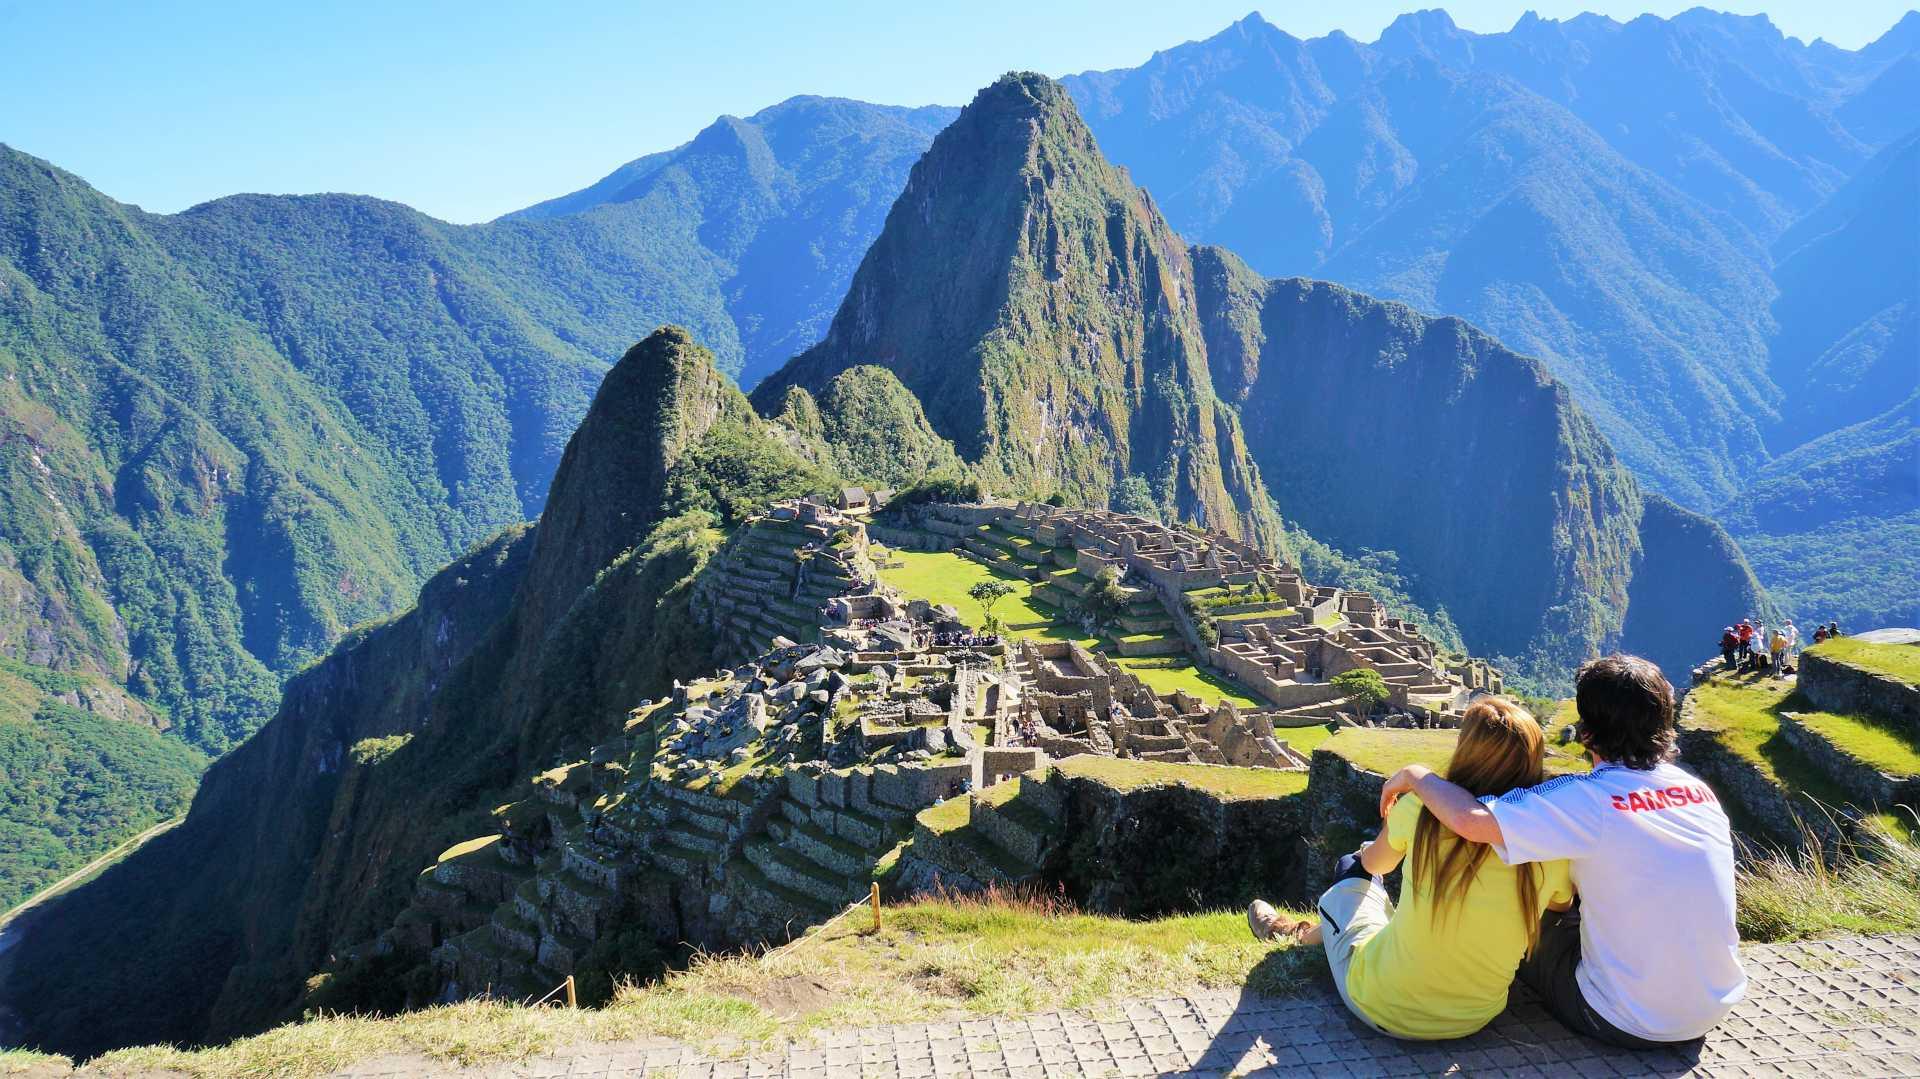 Camino Inca: llegada a Machu Picchu una de las 7 nuevas maravillas del mundo moderno.